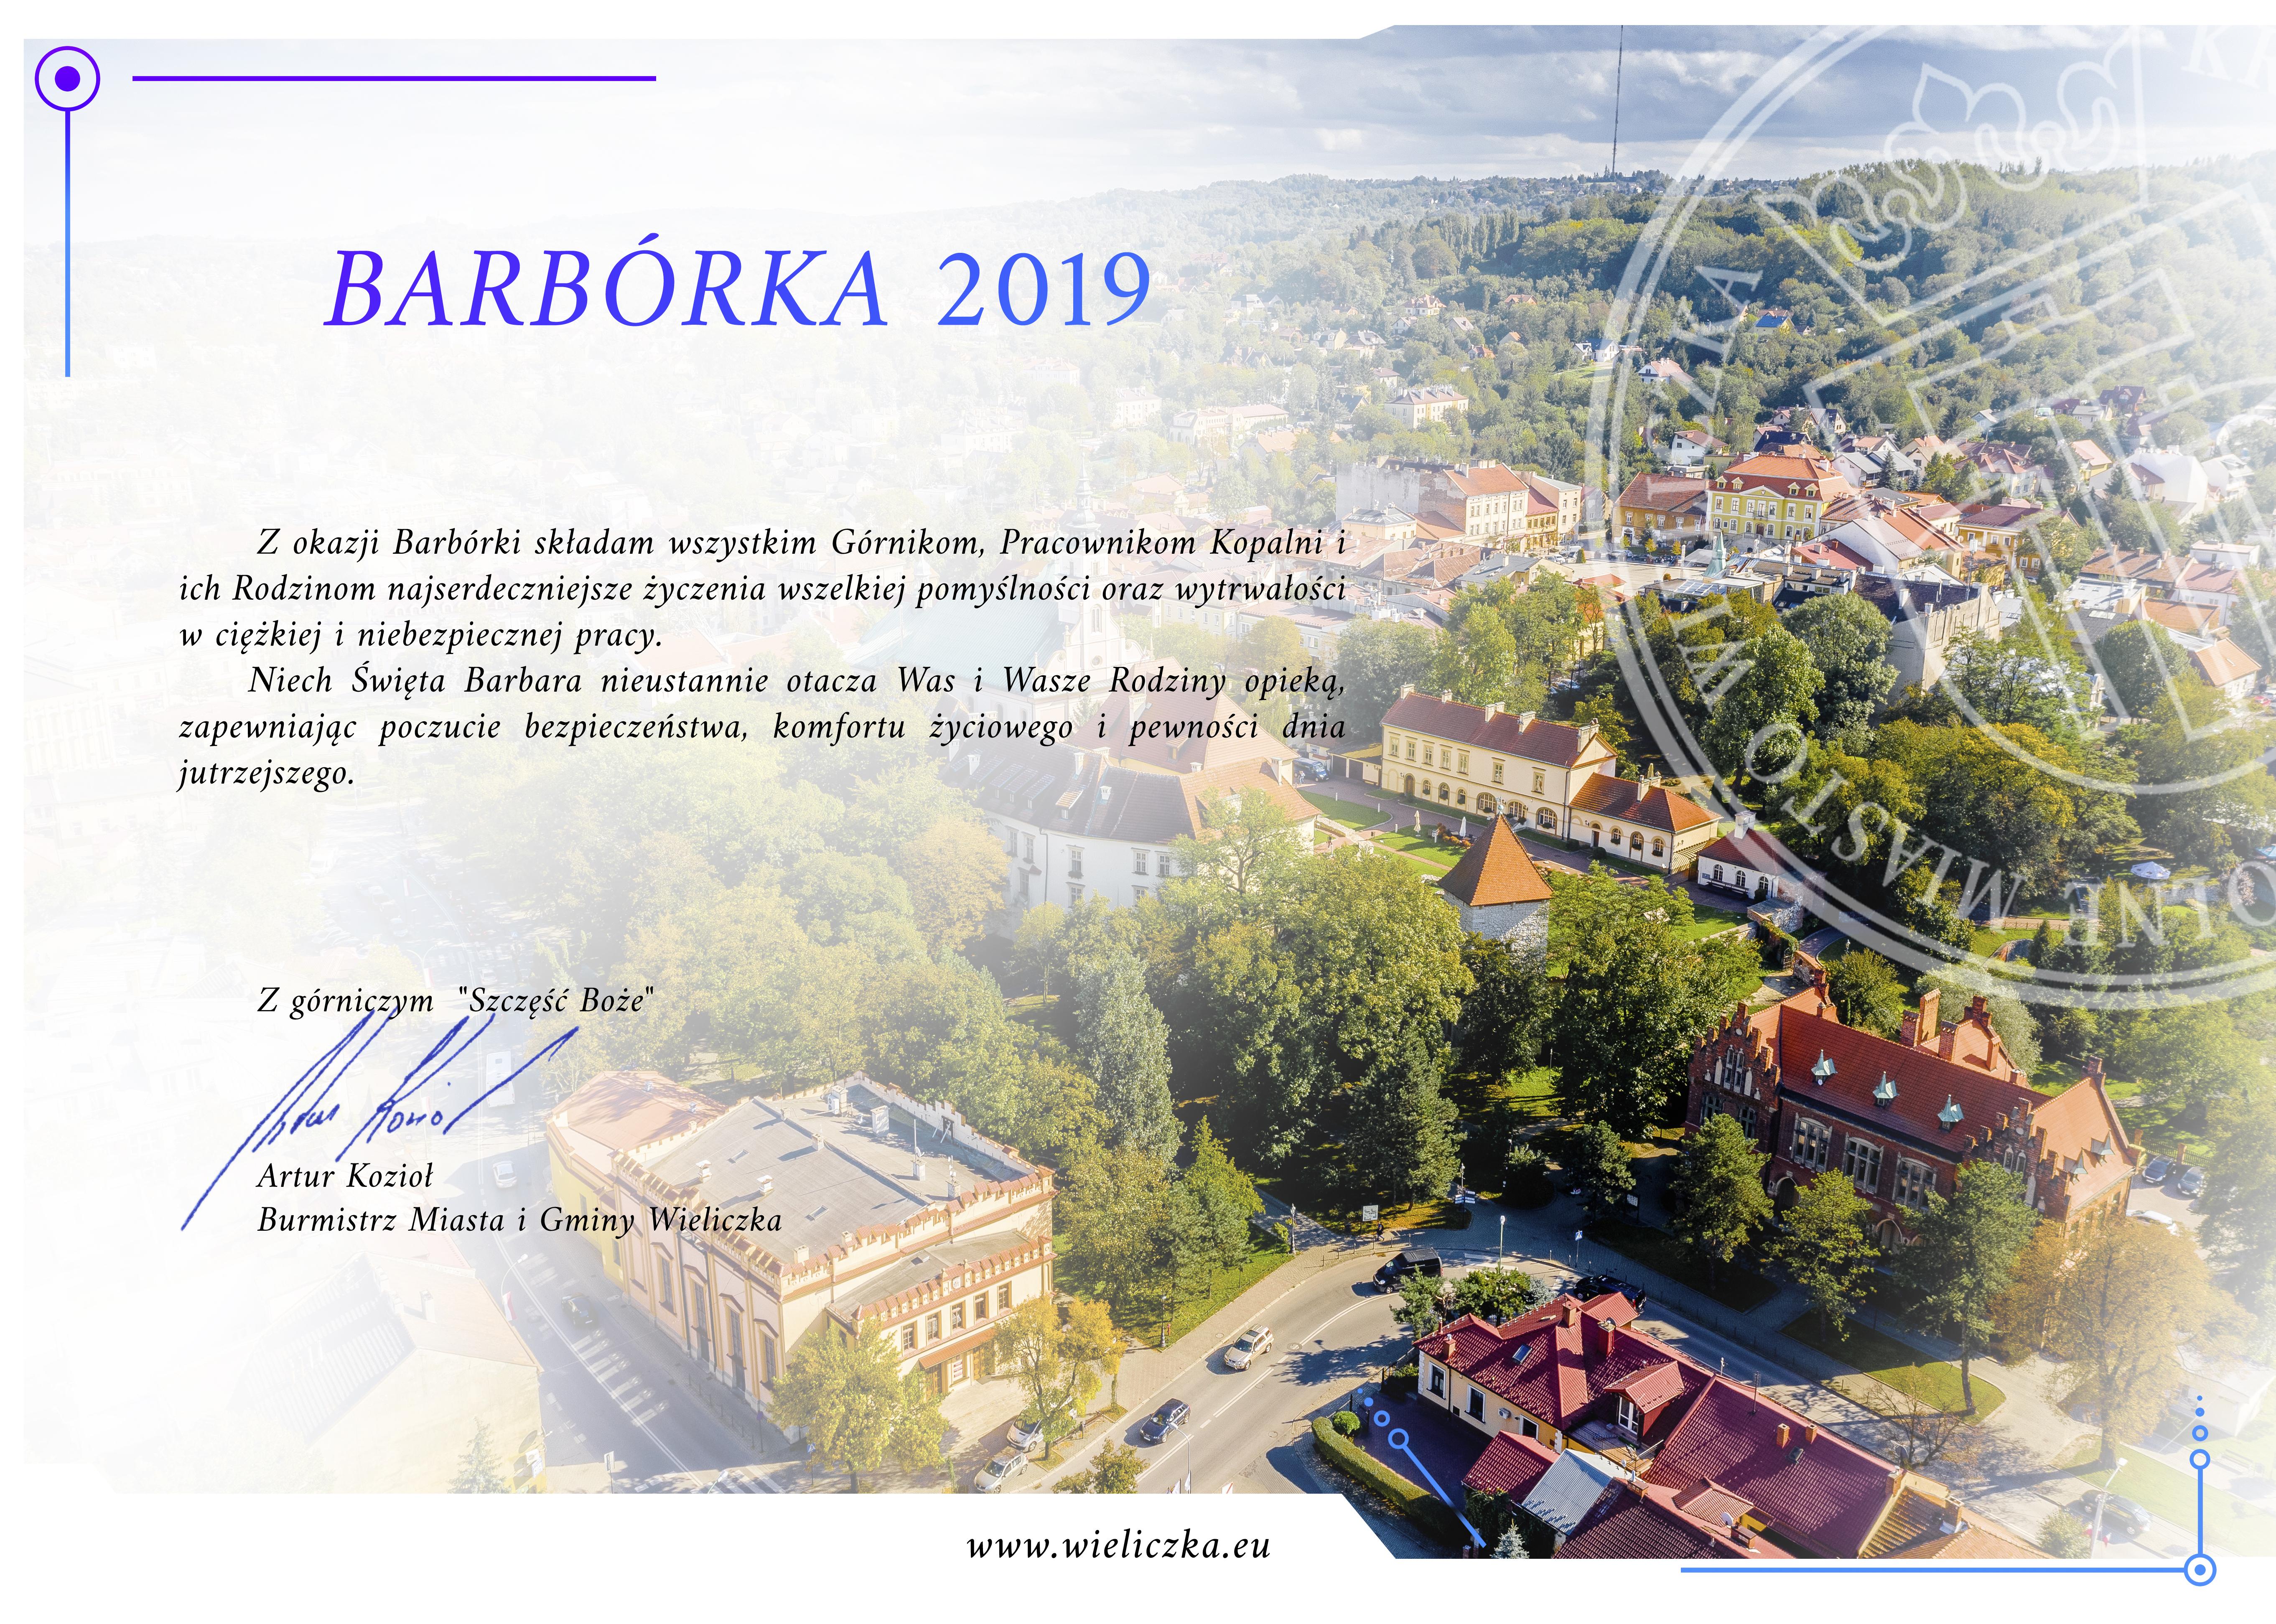 Barbórka 2019 Wieliczka Artur Kozioł